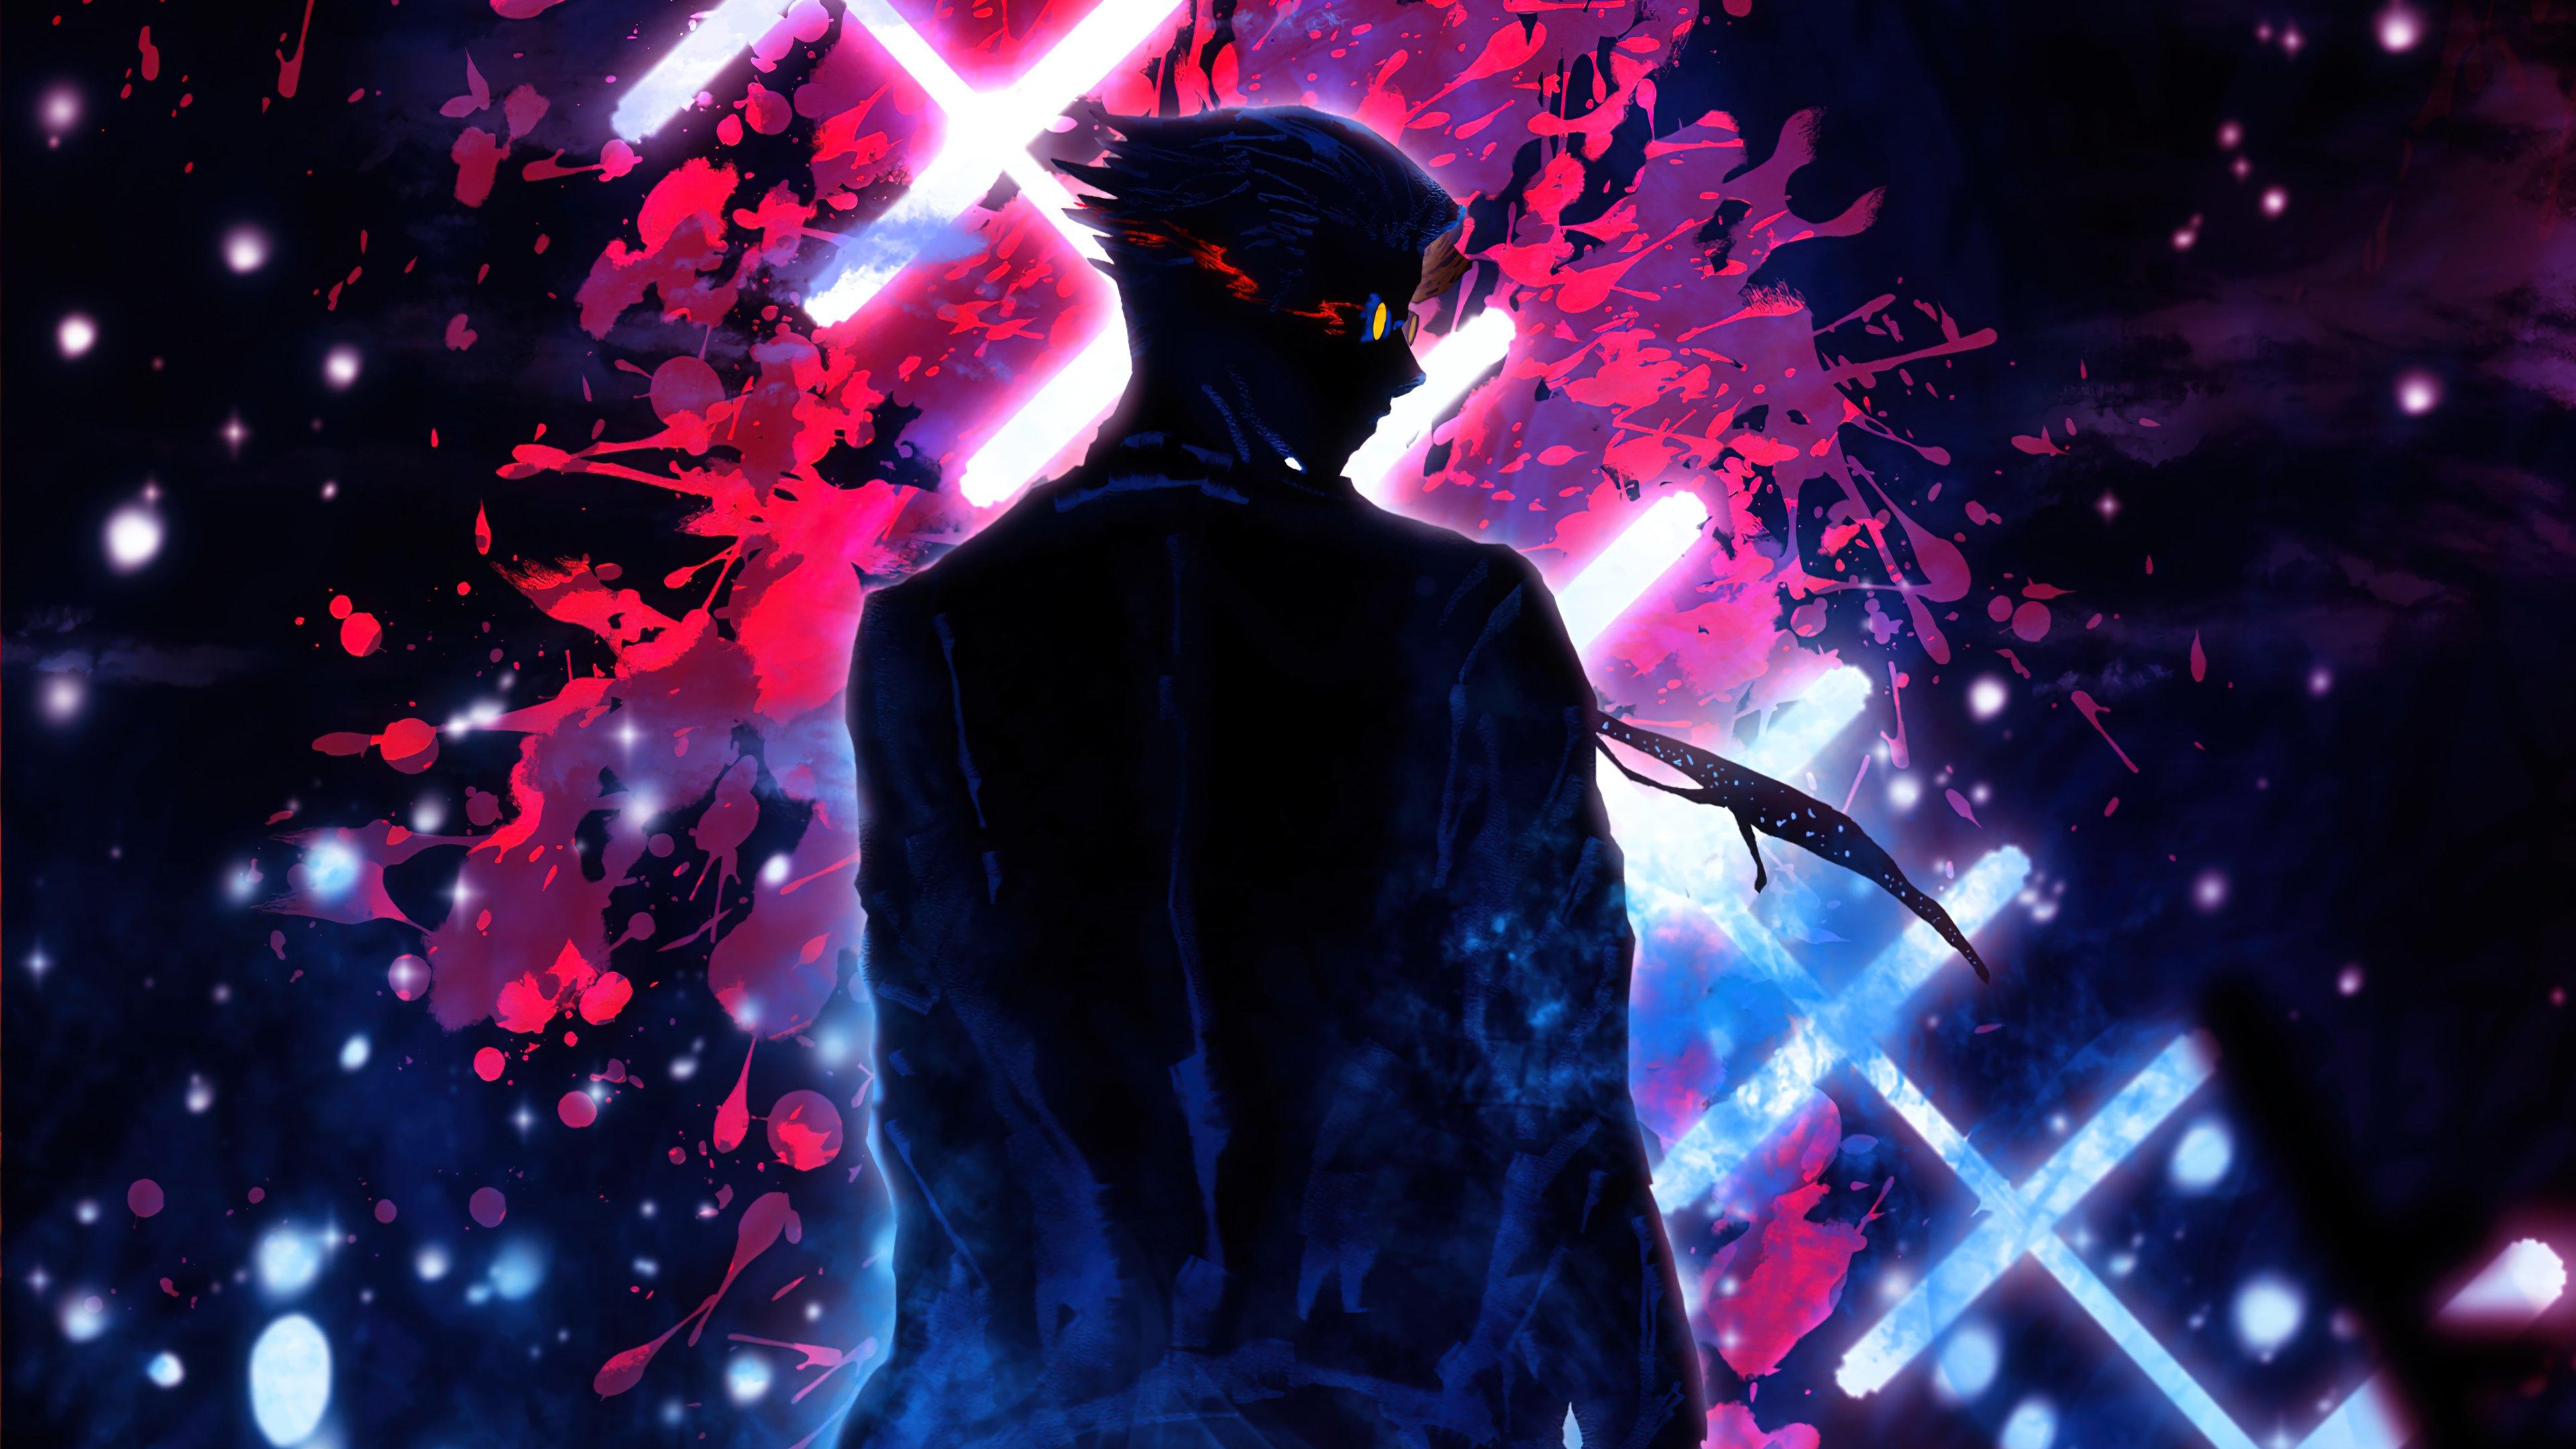 Fondos de pantalla Anime Kento Nanami de Jujutsu Kaisen